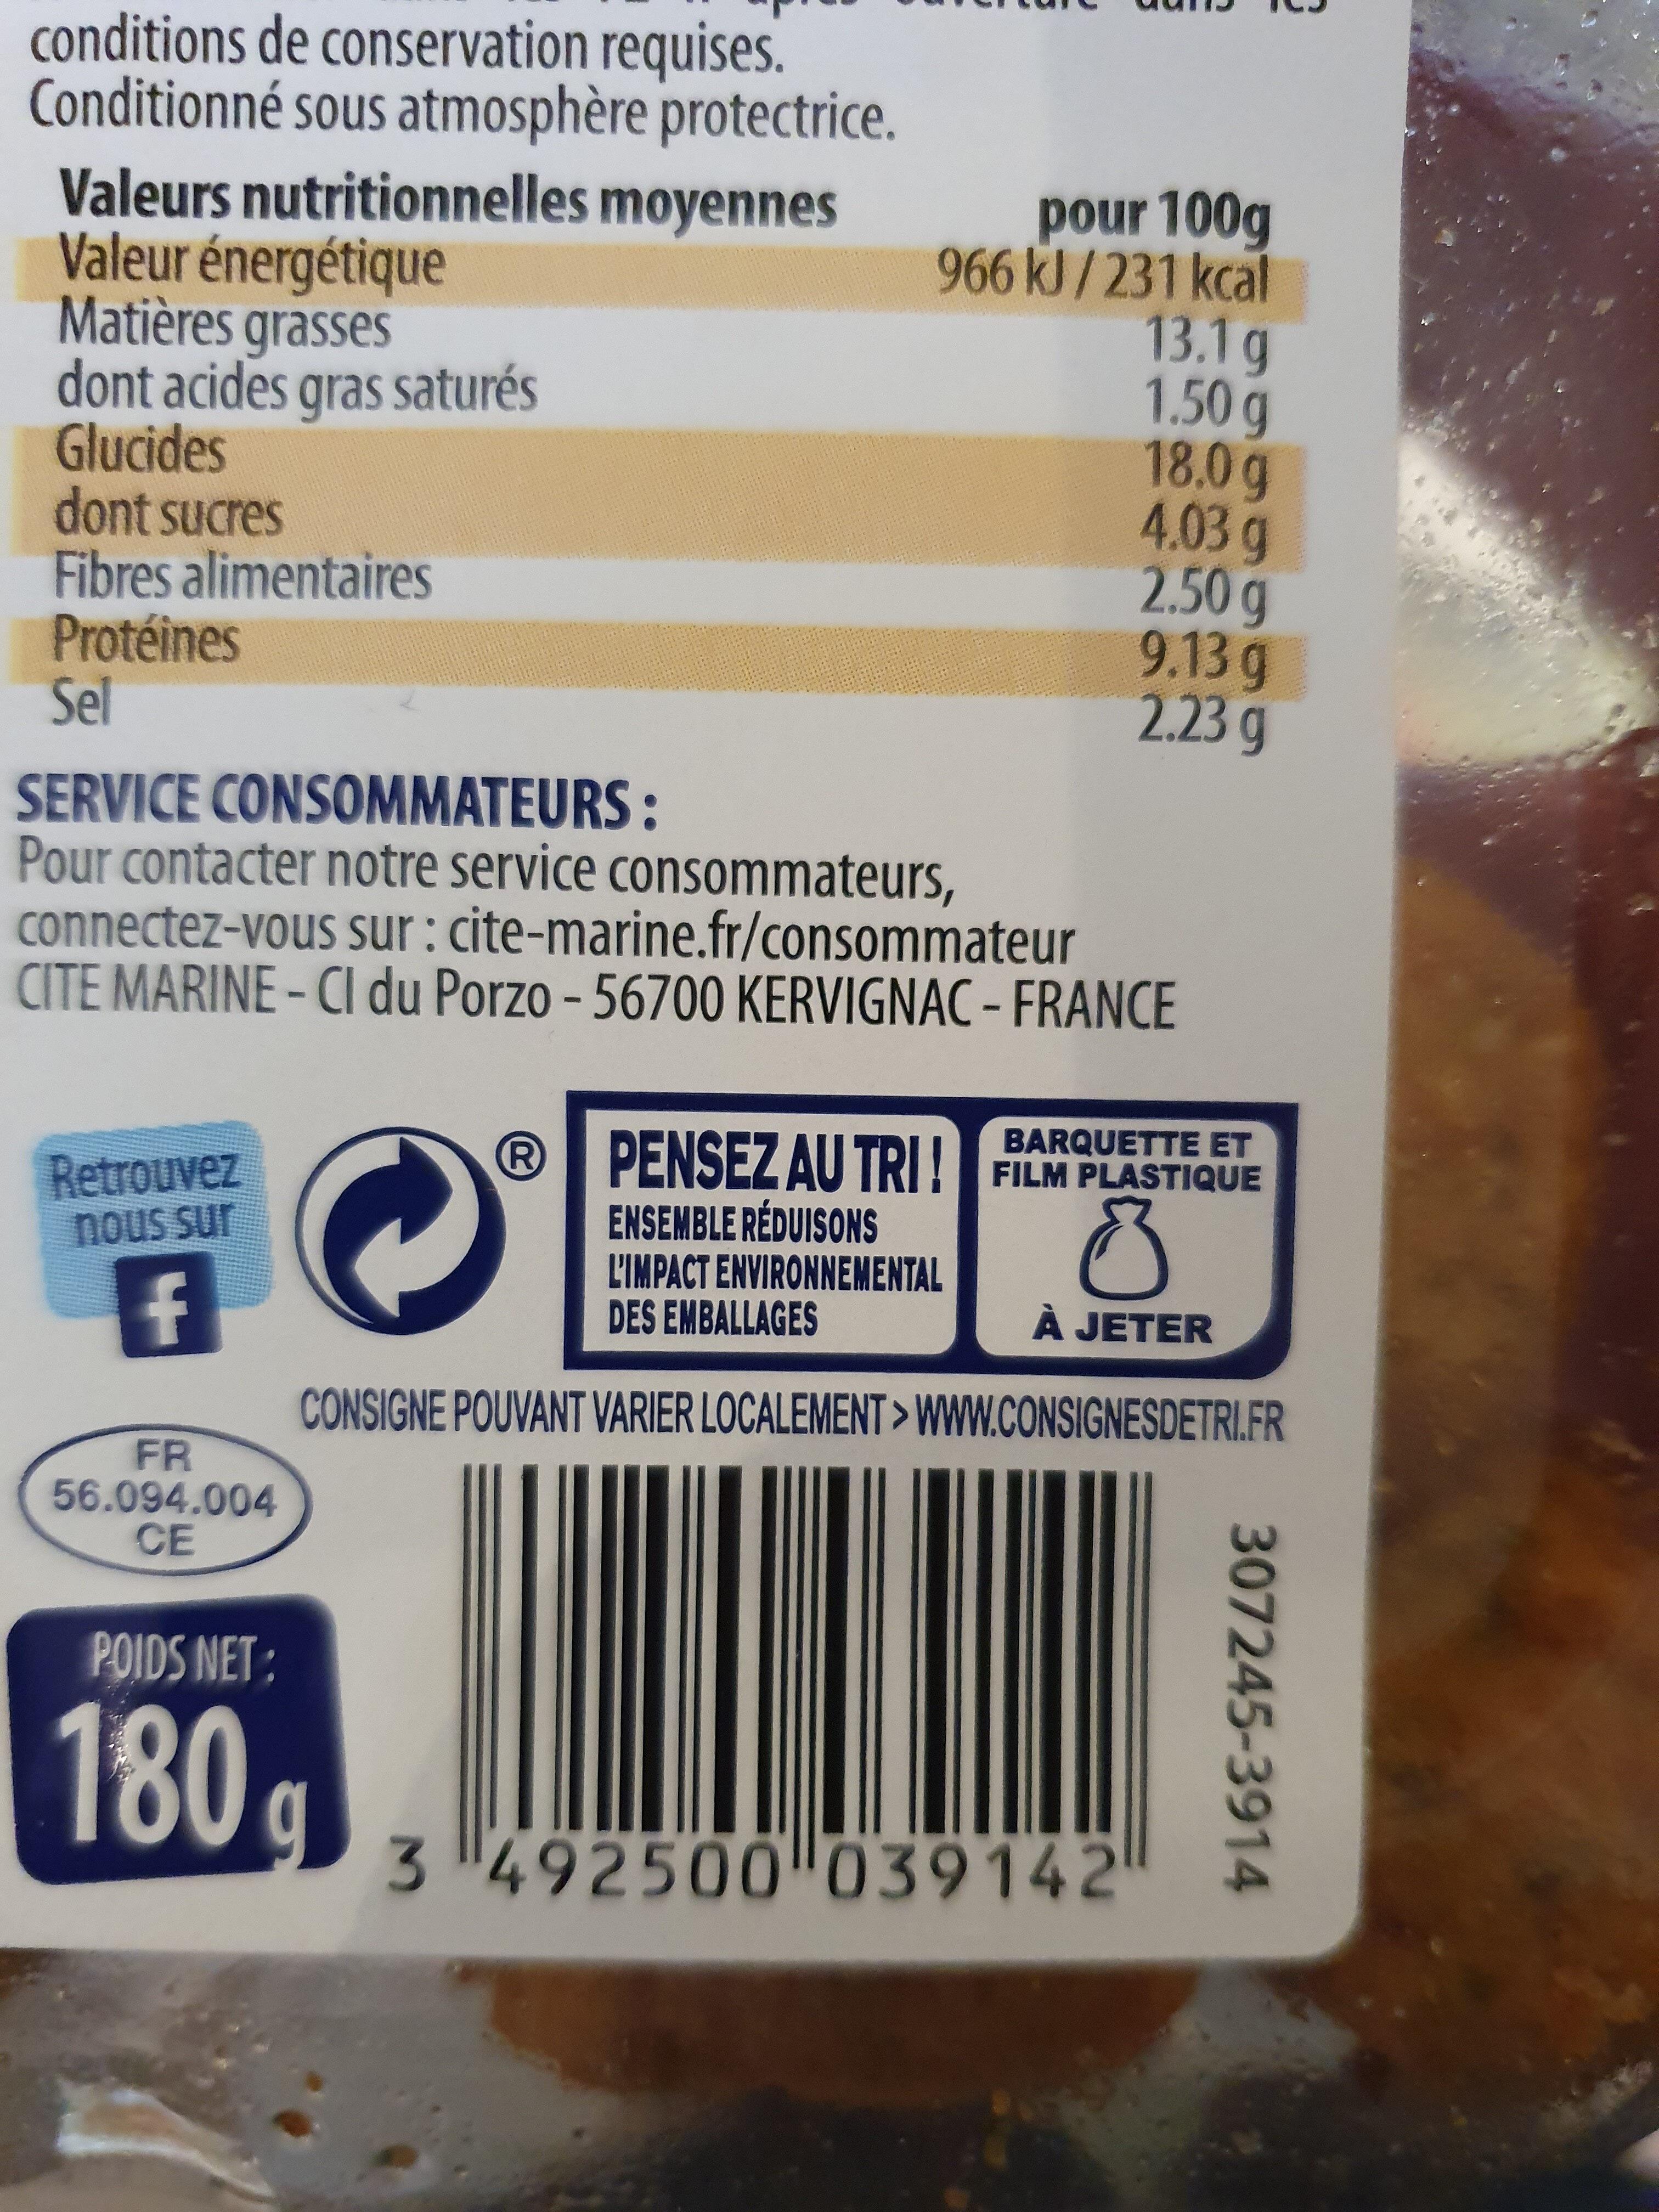 Accras aux Crevettes - Instruction de recyclage et/ou informations d'emballage - fr